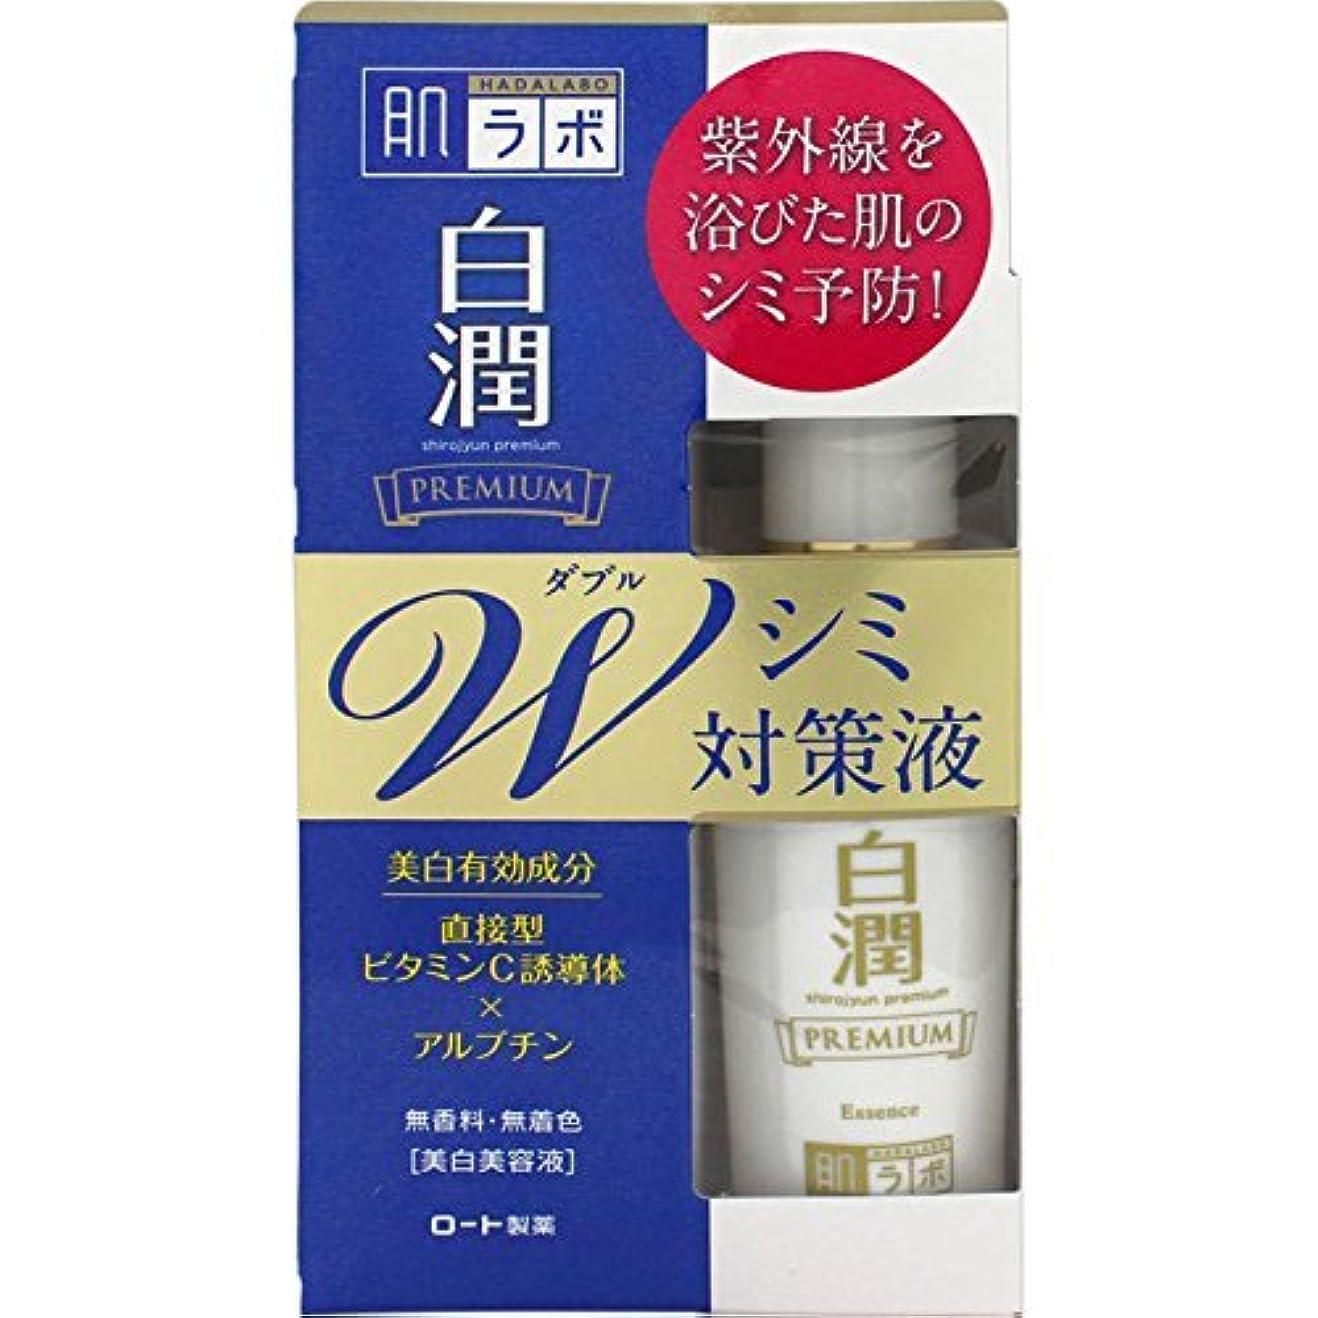 補充荒涼とした分析肌ラボ 白潤 プレミアムW美白美容液 40mL (医薬部外品)×8